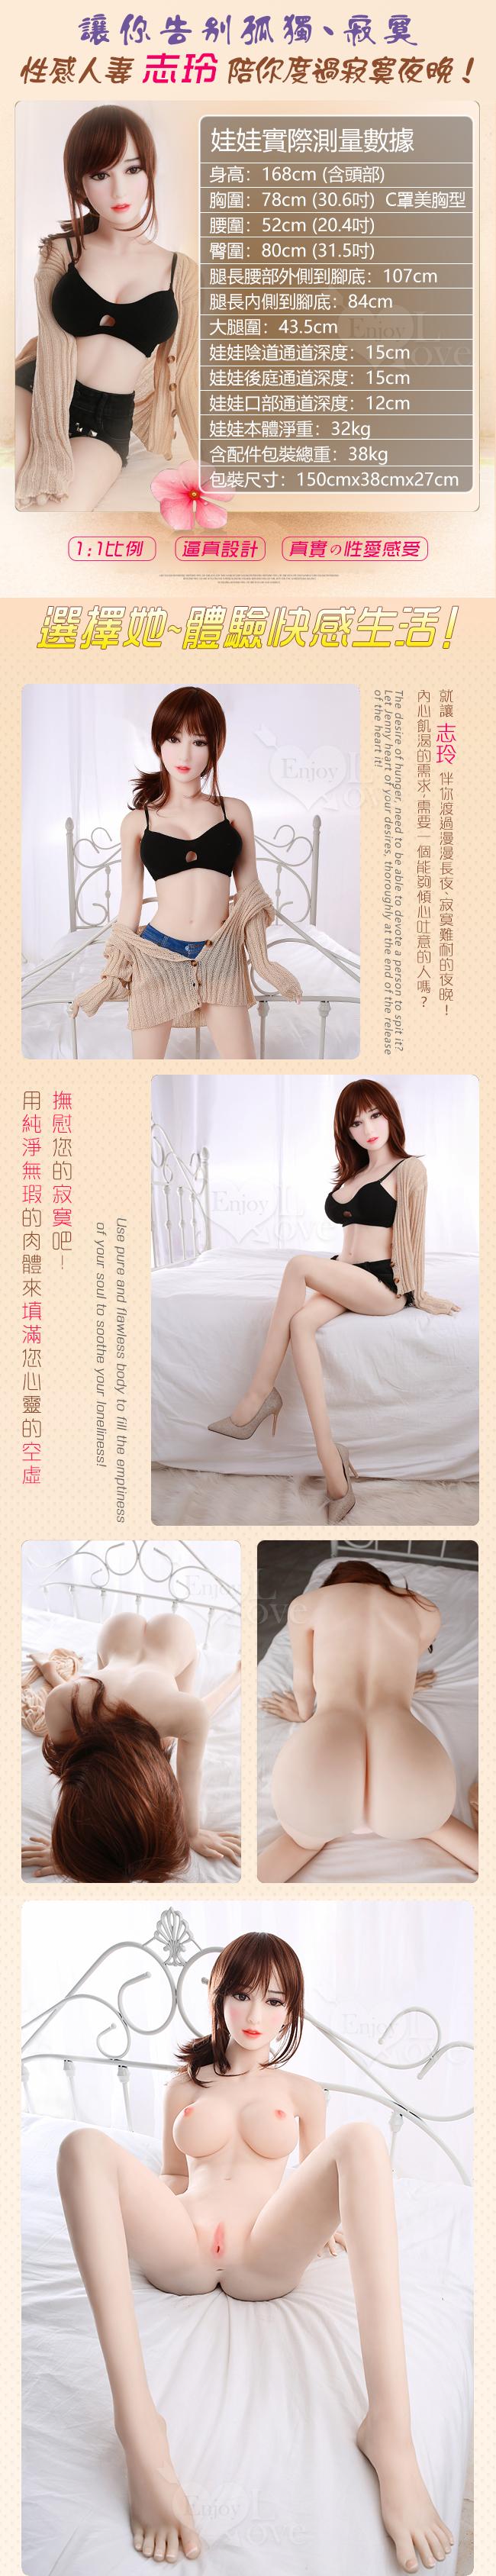 《 志玲 Zhiling - 性感人妻 》全實體矽膠不銹鋼變形骨骼娃娃+可站立﹝168cm / 33kg﹞